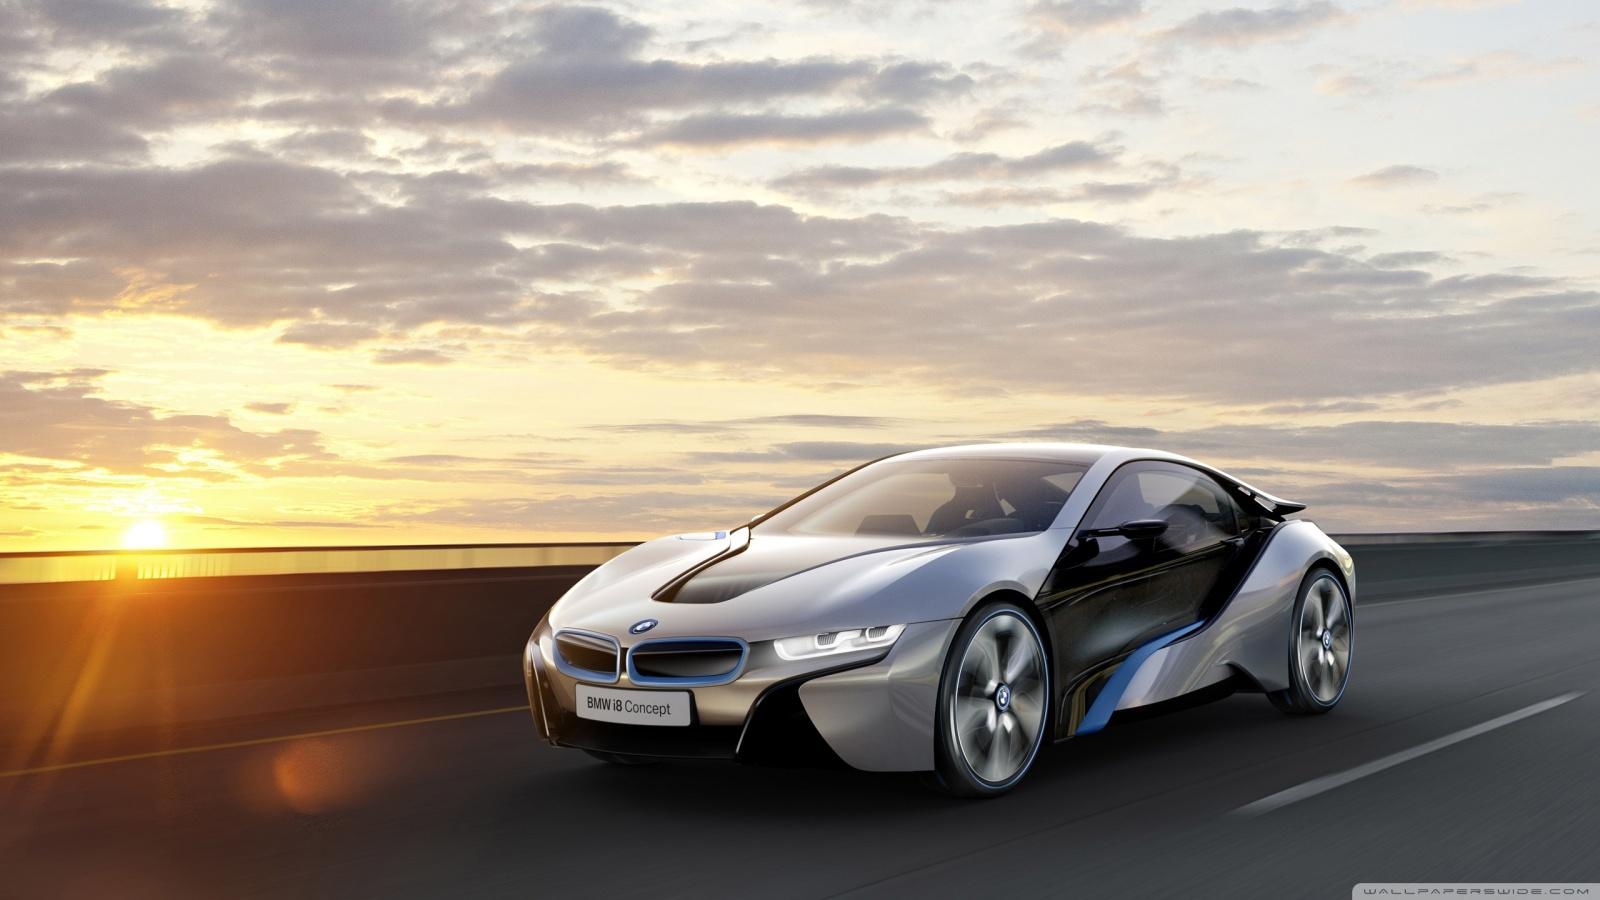 BMW i8 Car Concept 4K HD Desktop Wallpaper for 4K Ultra HD TV 1600x900